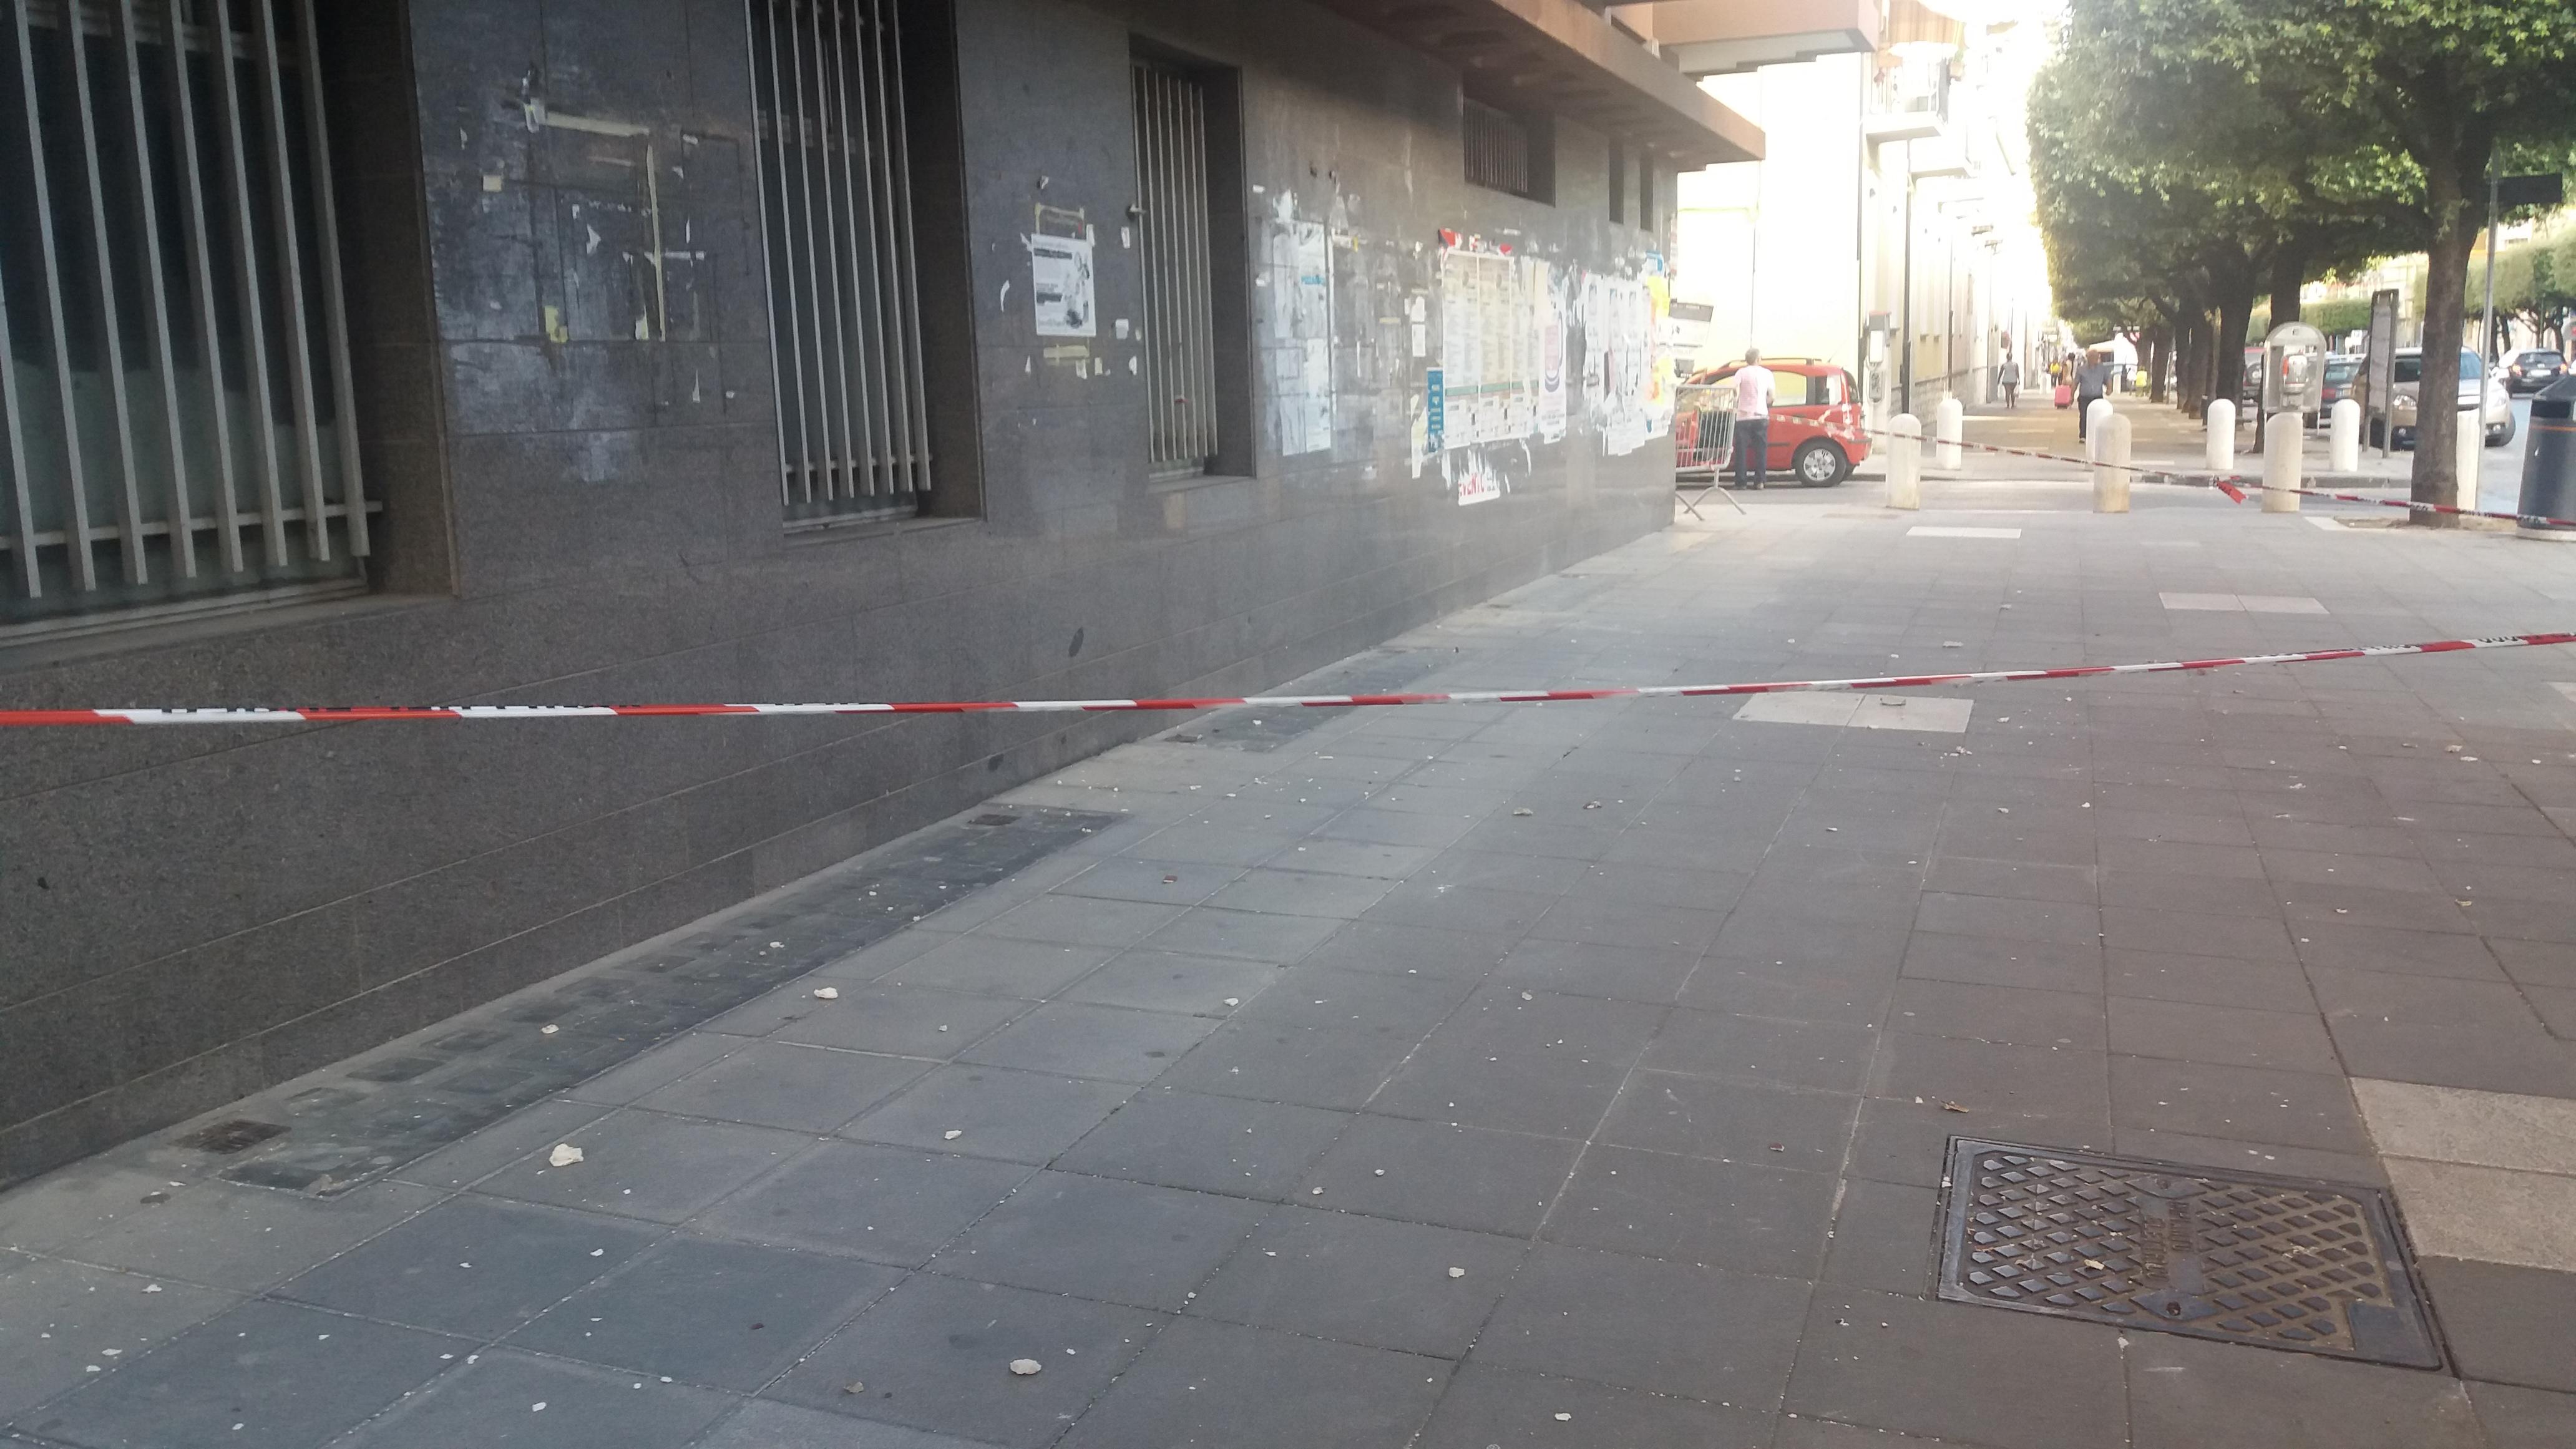 Via Clino Ricci, situazione rimane critica/ FOTO